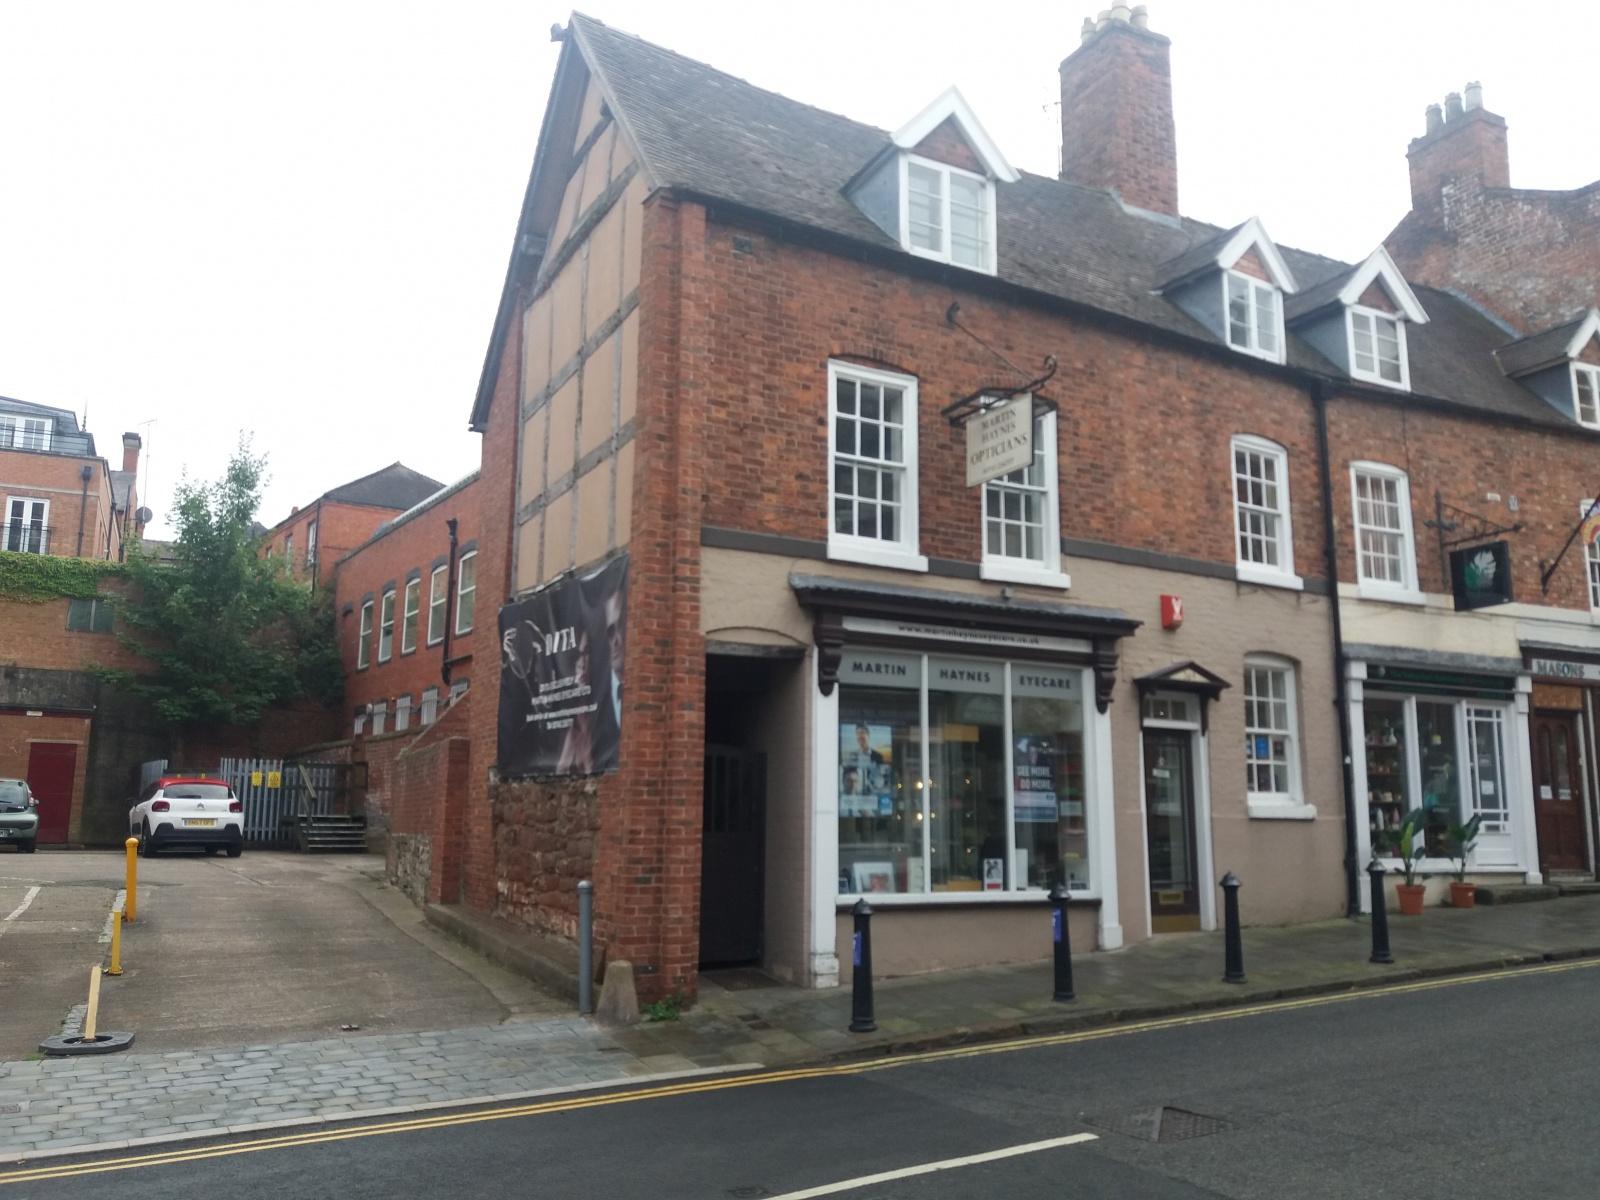 3-4 St Johns Hill, Shrewsbury, Shropshire